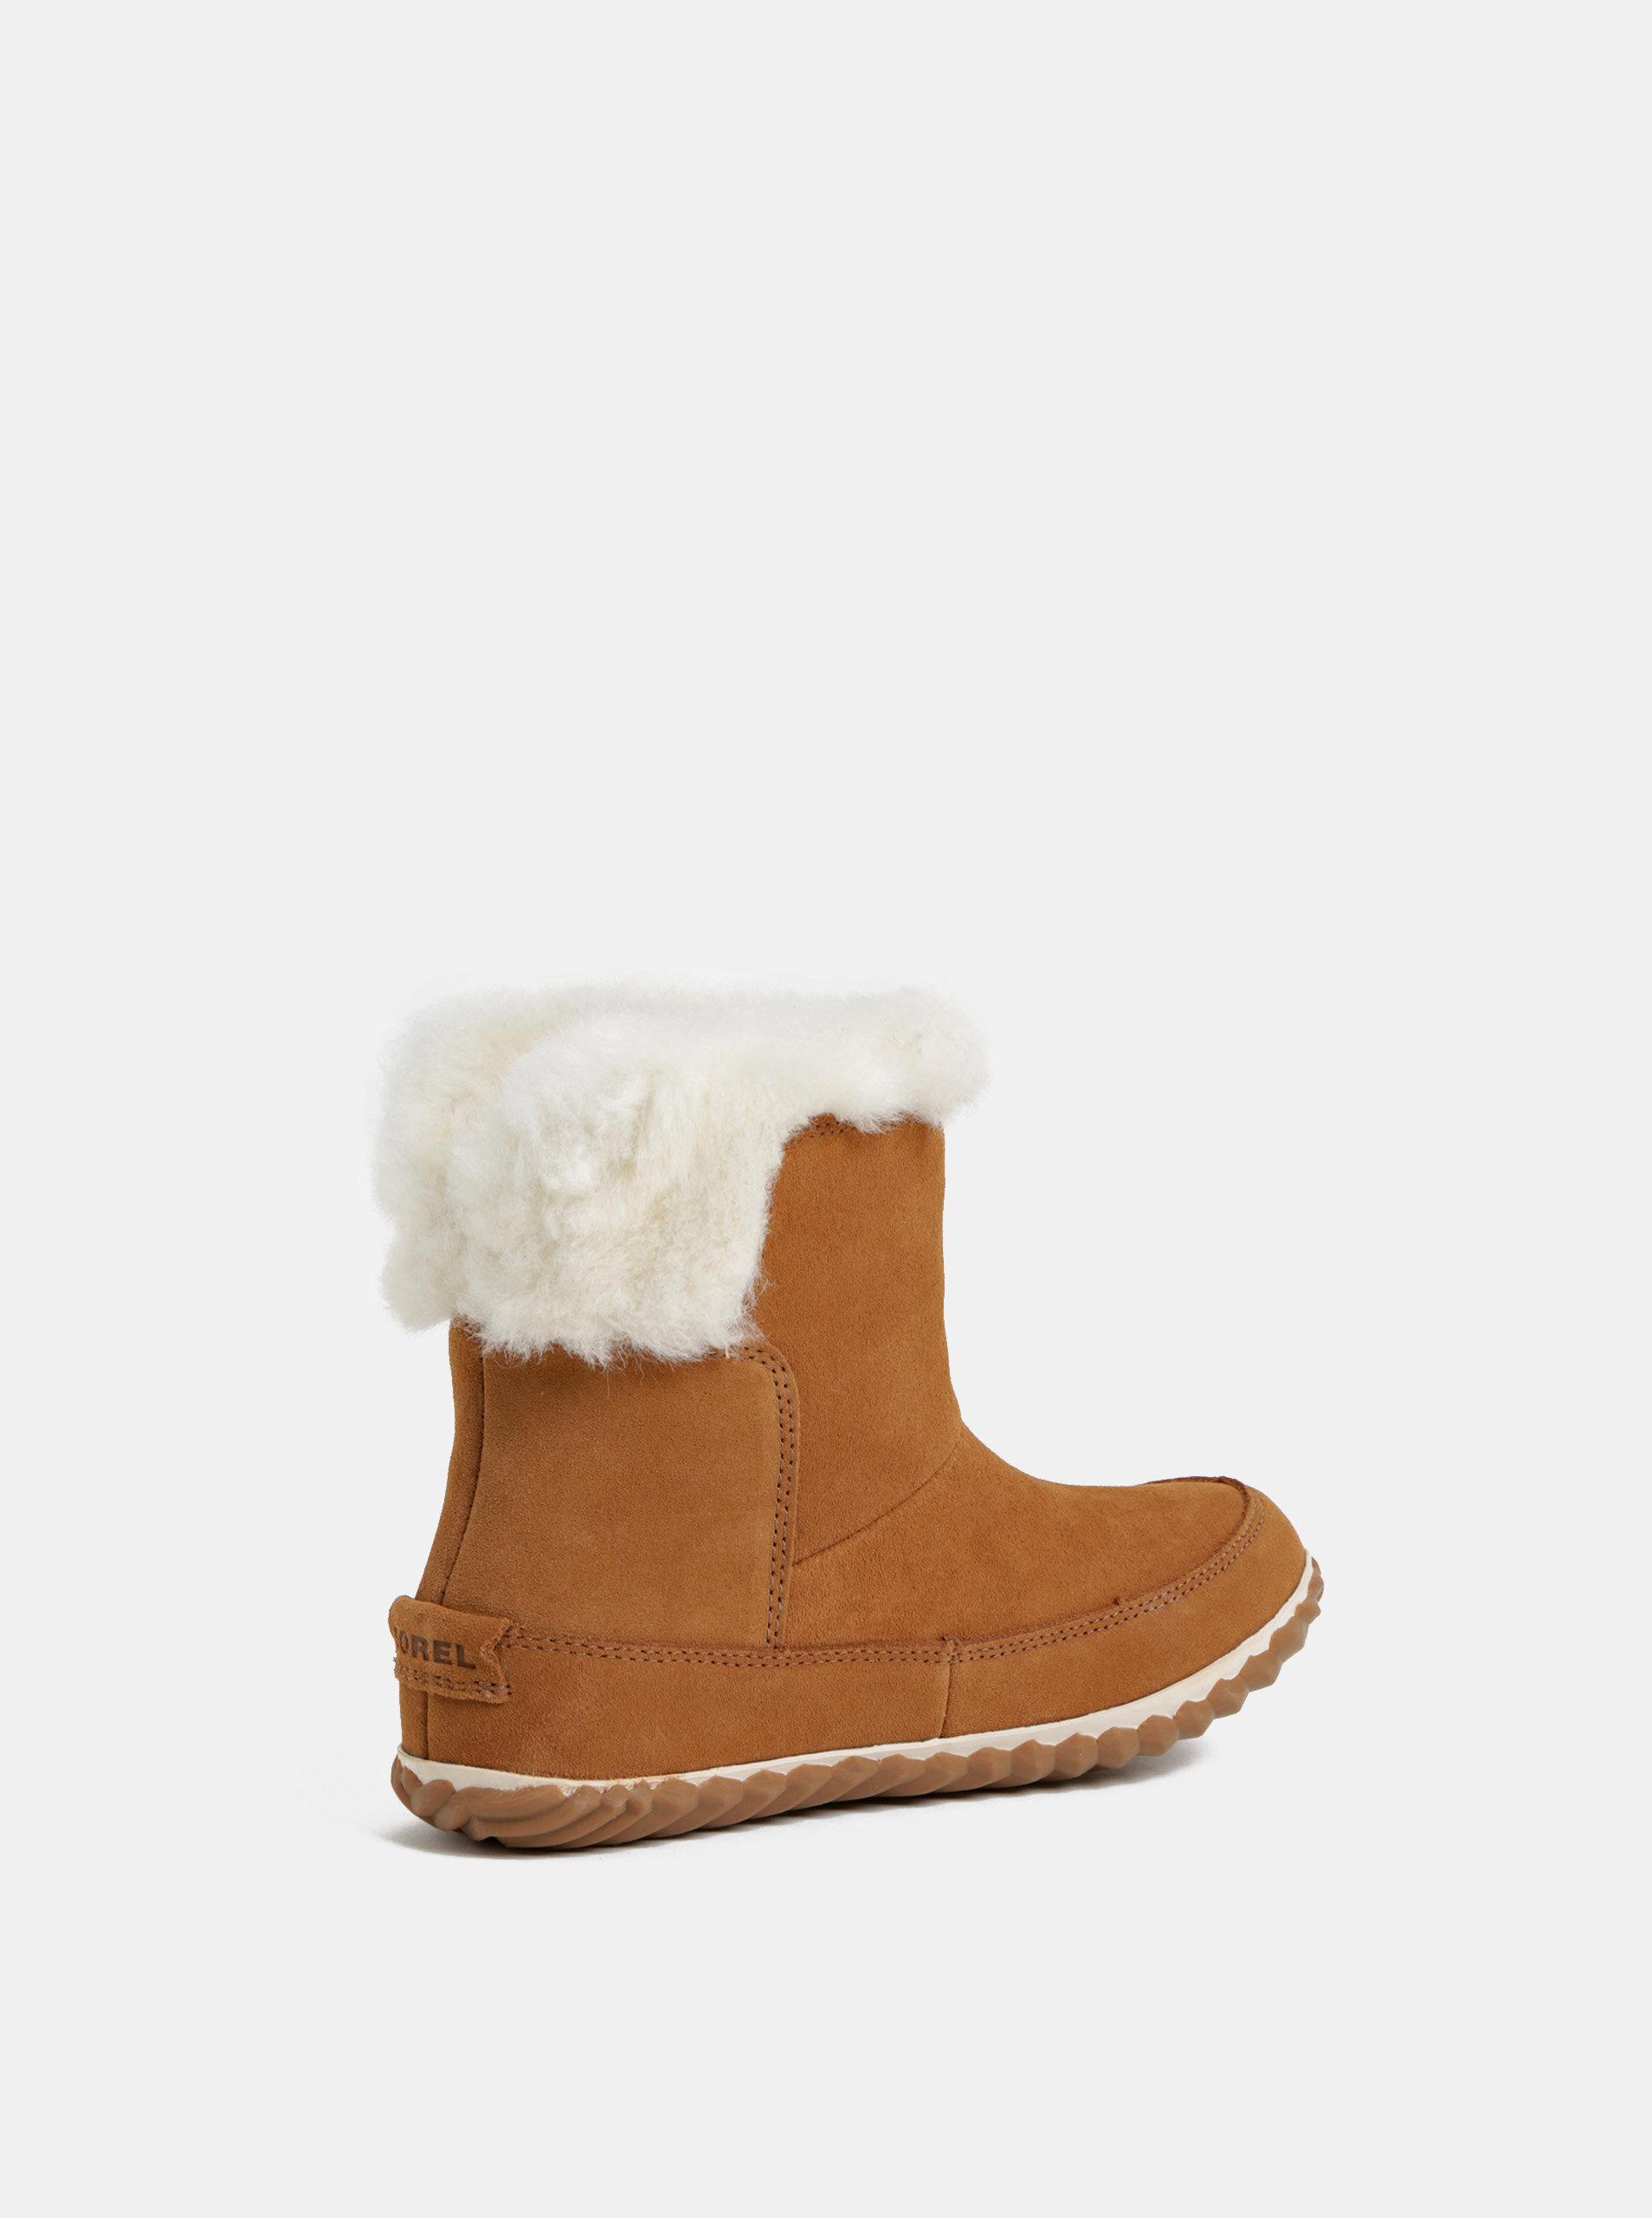 49a0c0f04794 Hnedé dámske semišové zimné členkové topánky s vnútornou umelou kožušinkou  SOREL OUT N ABOUT ...